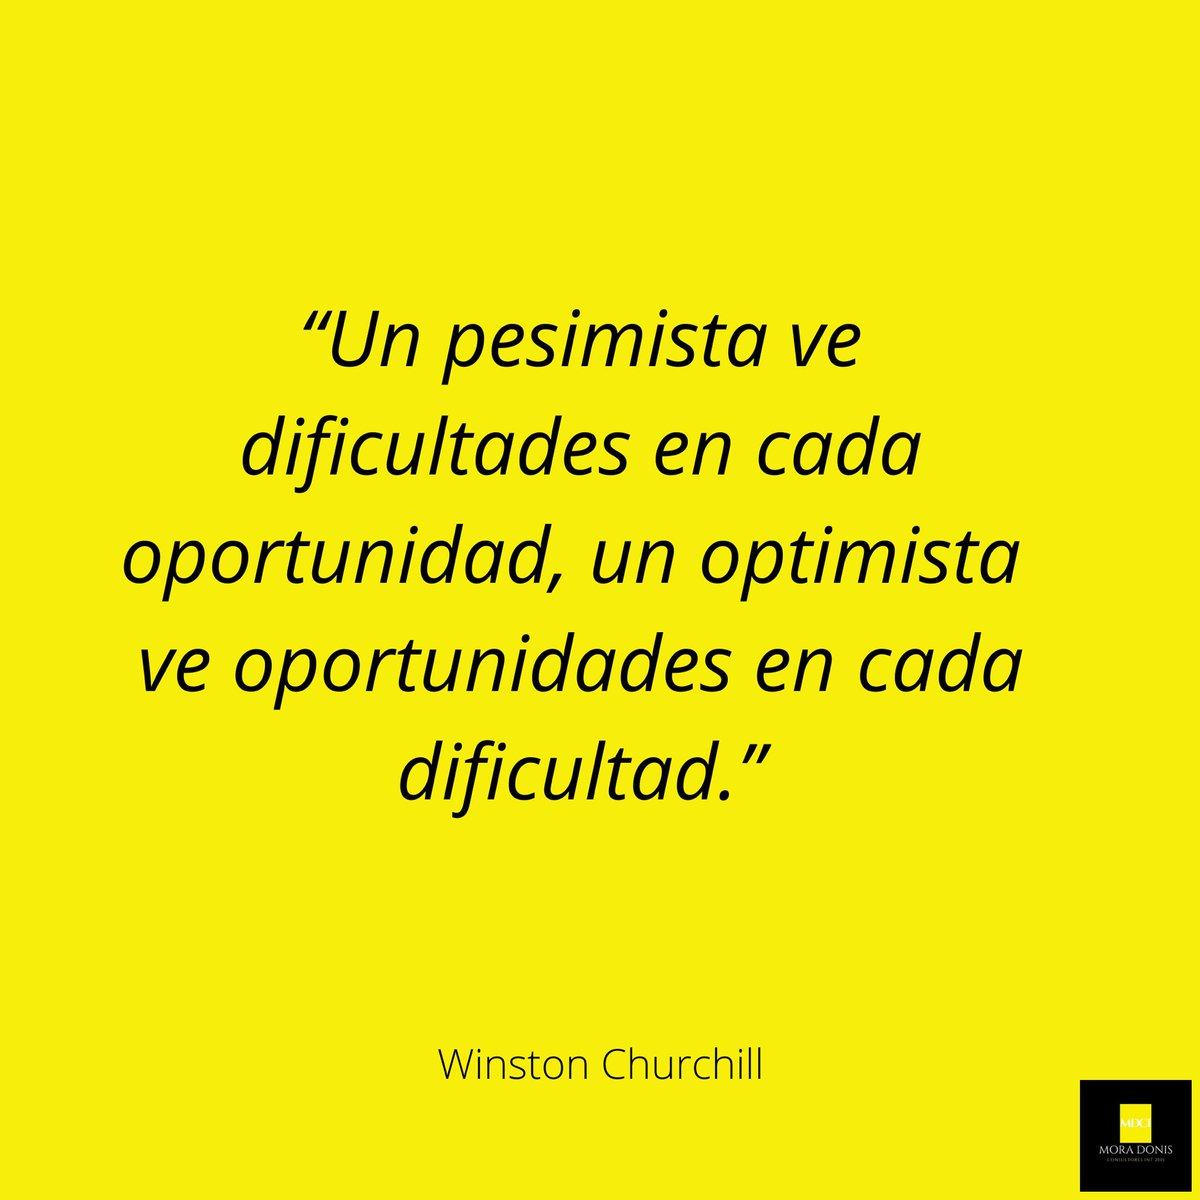 #BuenLunes aún en #COVID19 que reine el optimismo y la buena vibra 👩🏻💻👨🏿💻🧑🏼💻 síguenos @MDCI20151 #Venezuela #Mexico #Espana #Peru #Chile #Colombia #Ecuador https://t.co/roIfyv0a9R